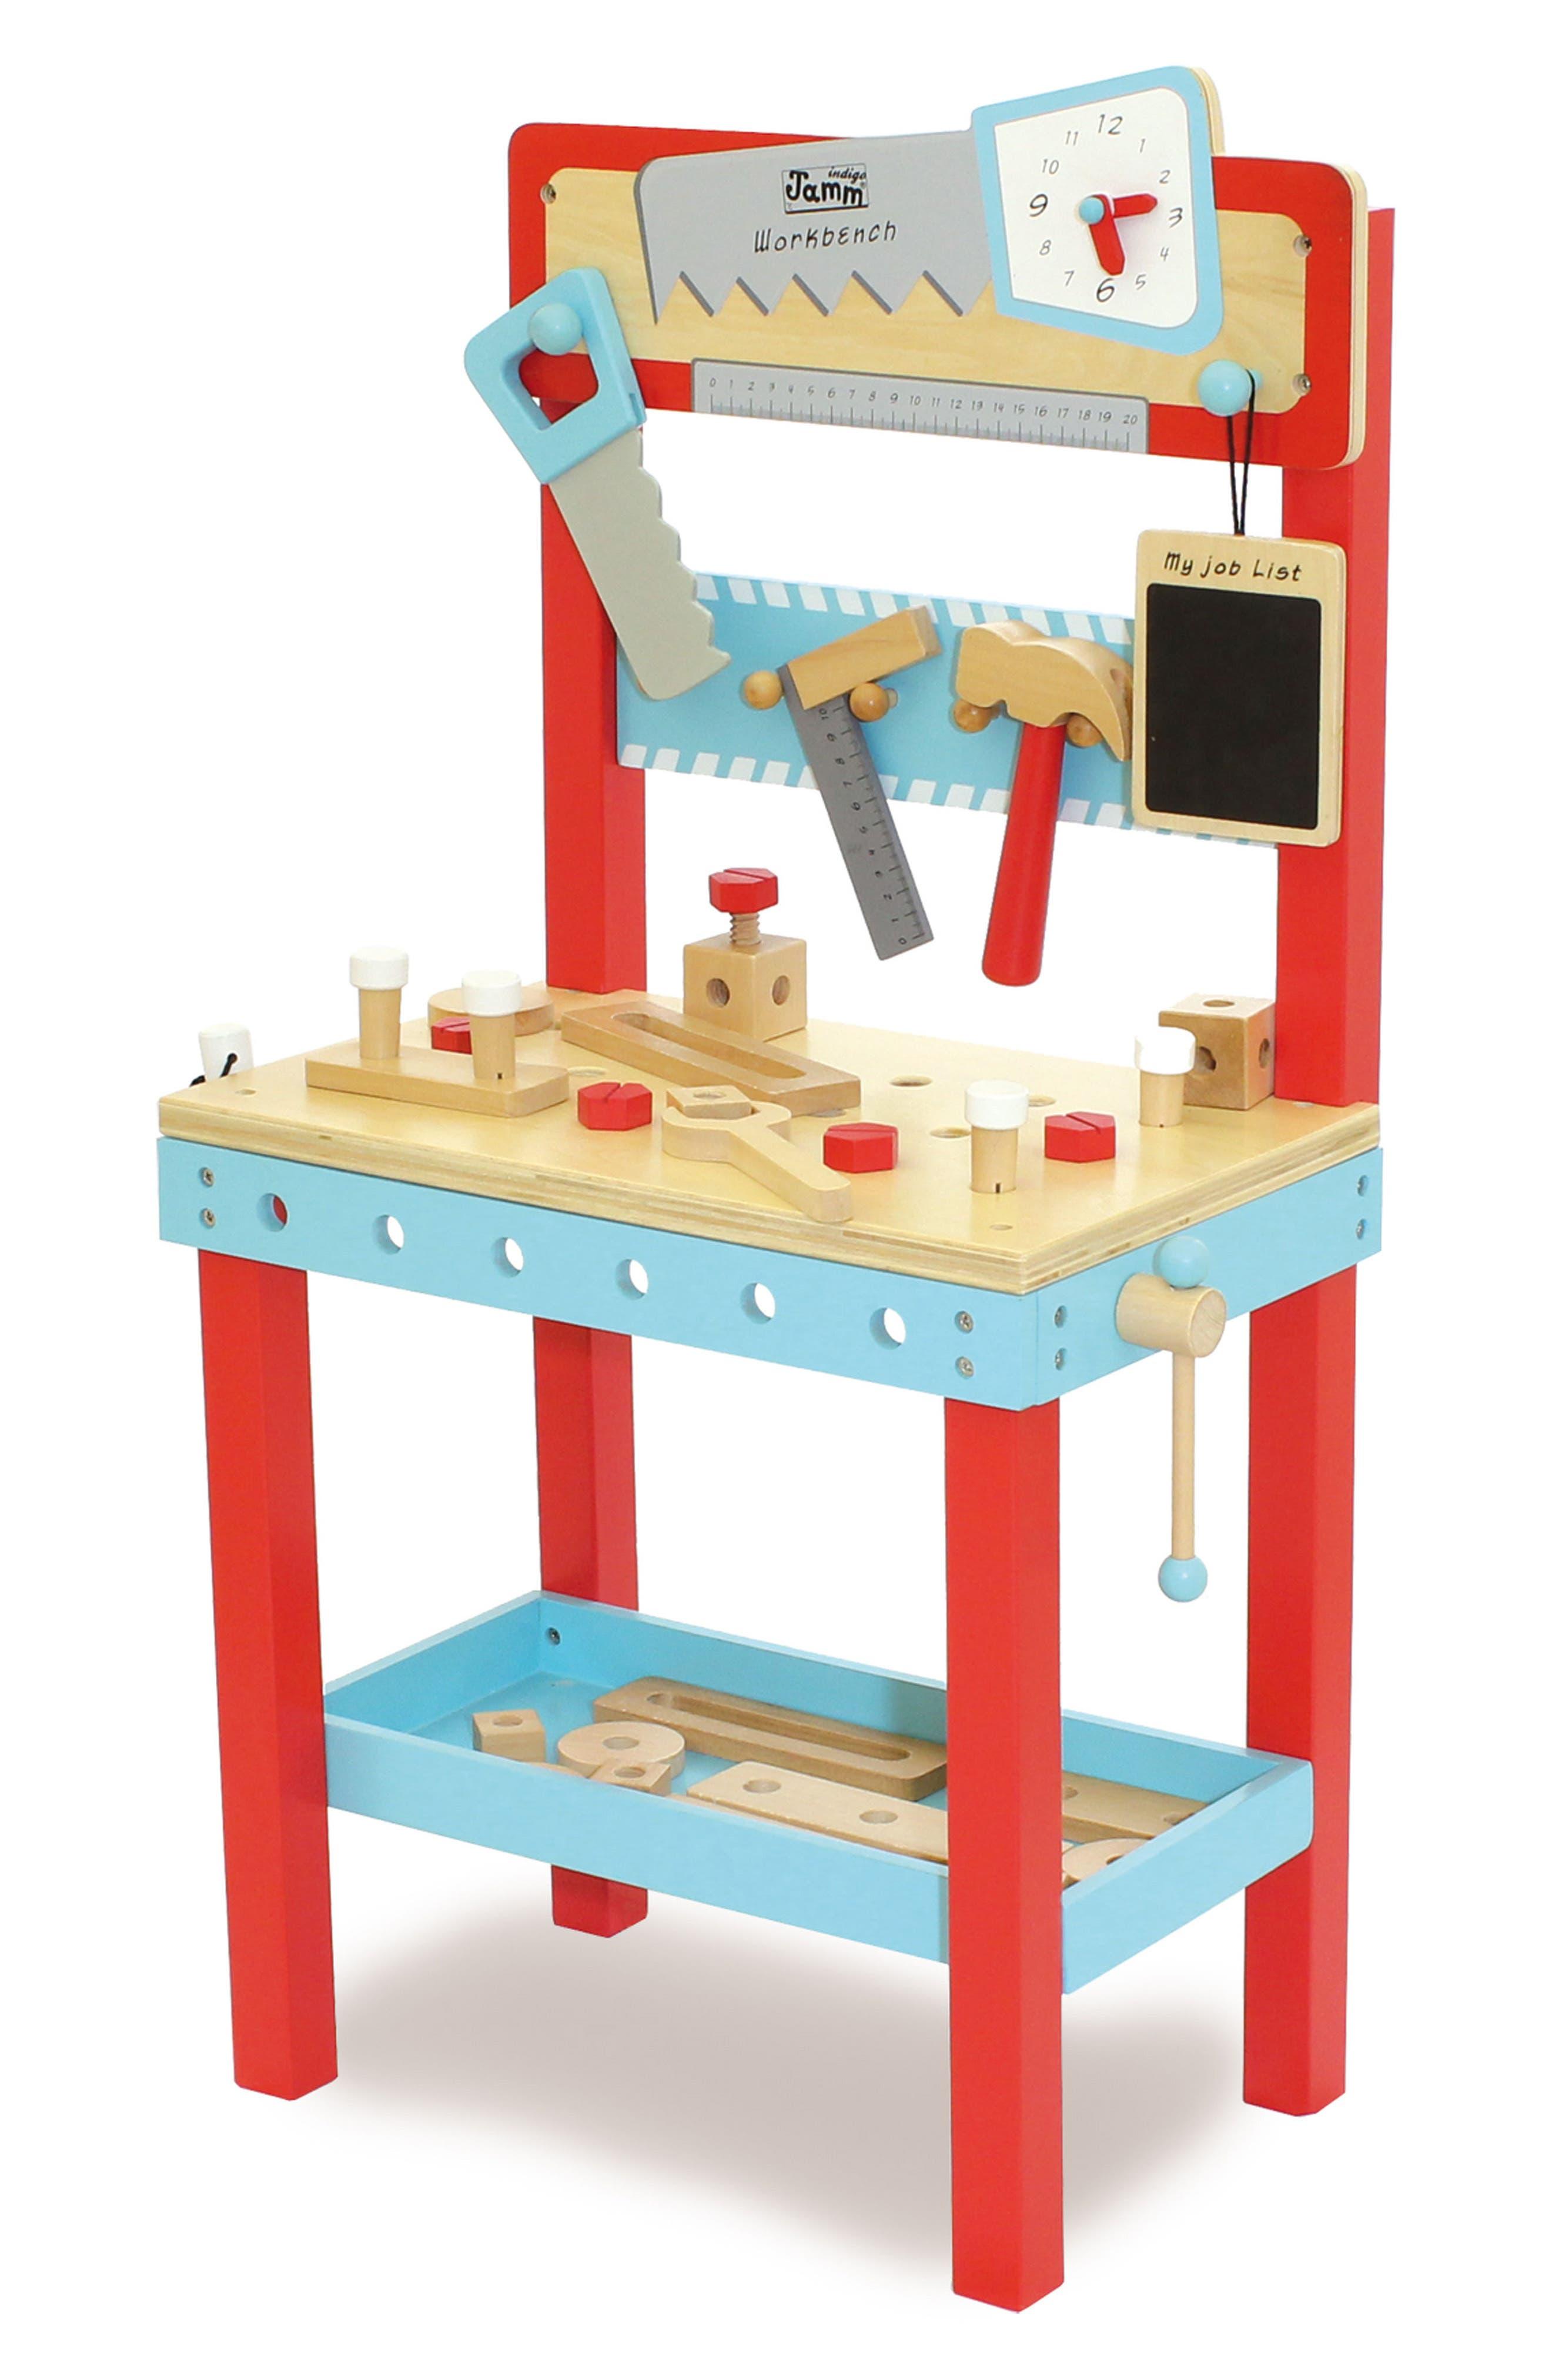 Little Carpenters Workbench,                             Main thumbnail 1, color,                             Blue